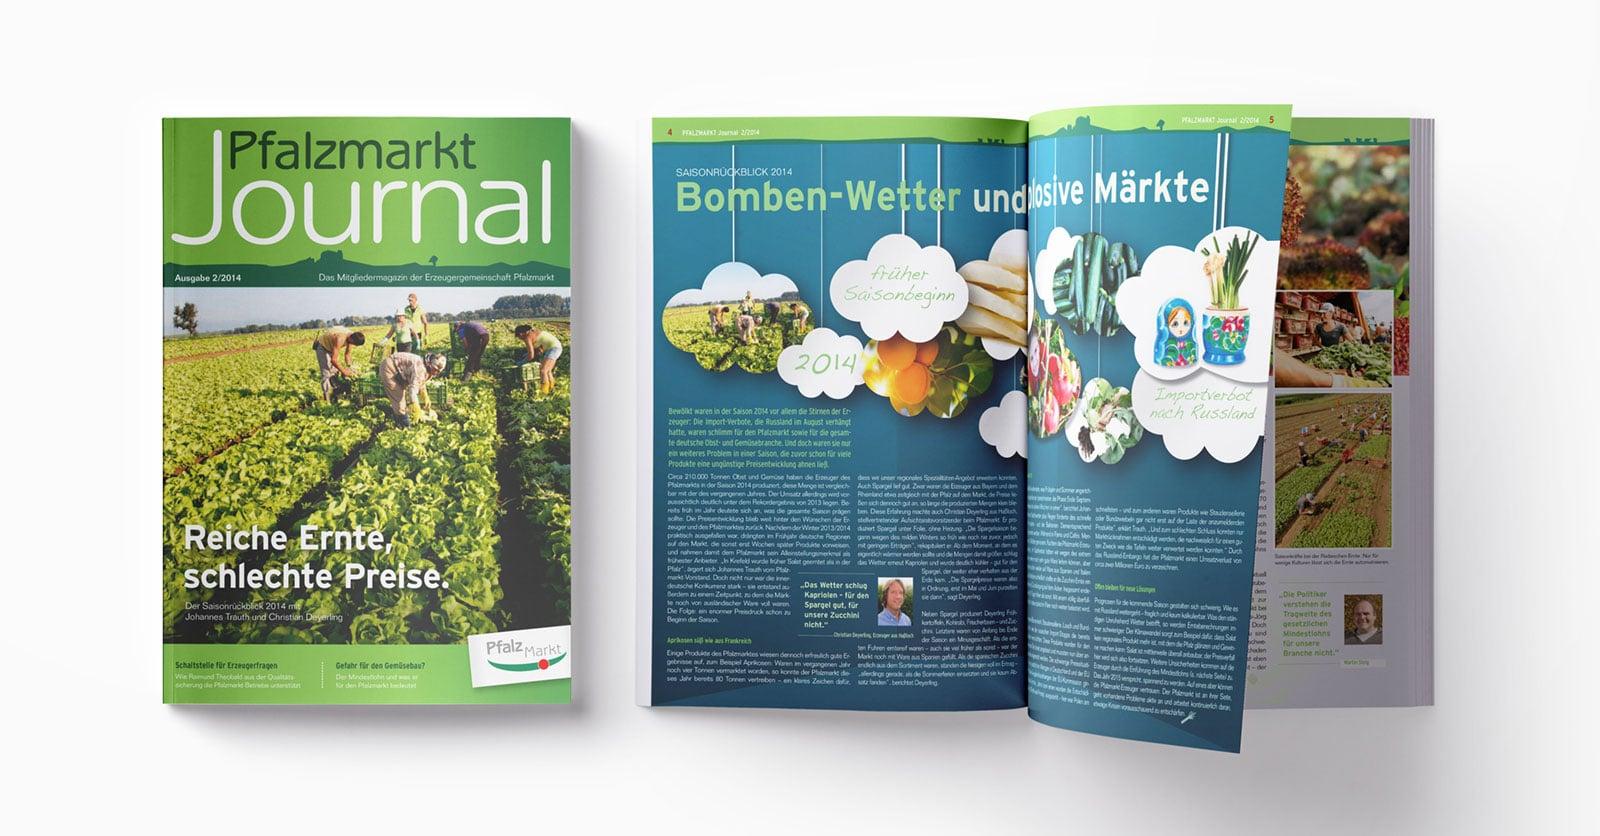 Pfalzmarkt Journal Ausgabe 2-2014